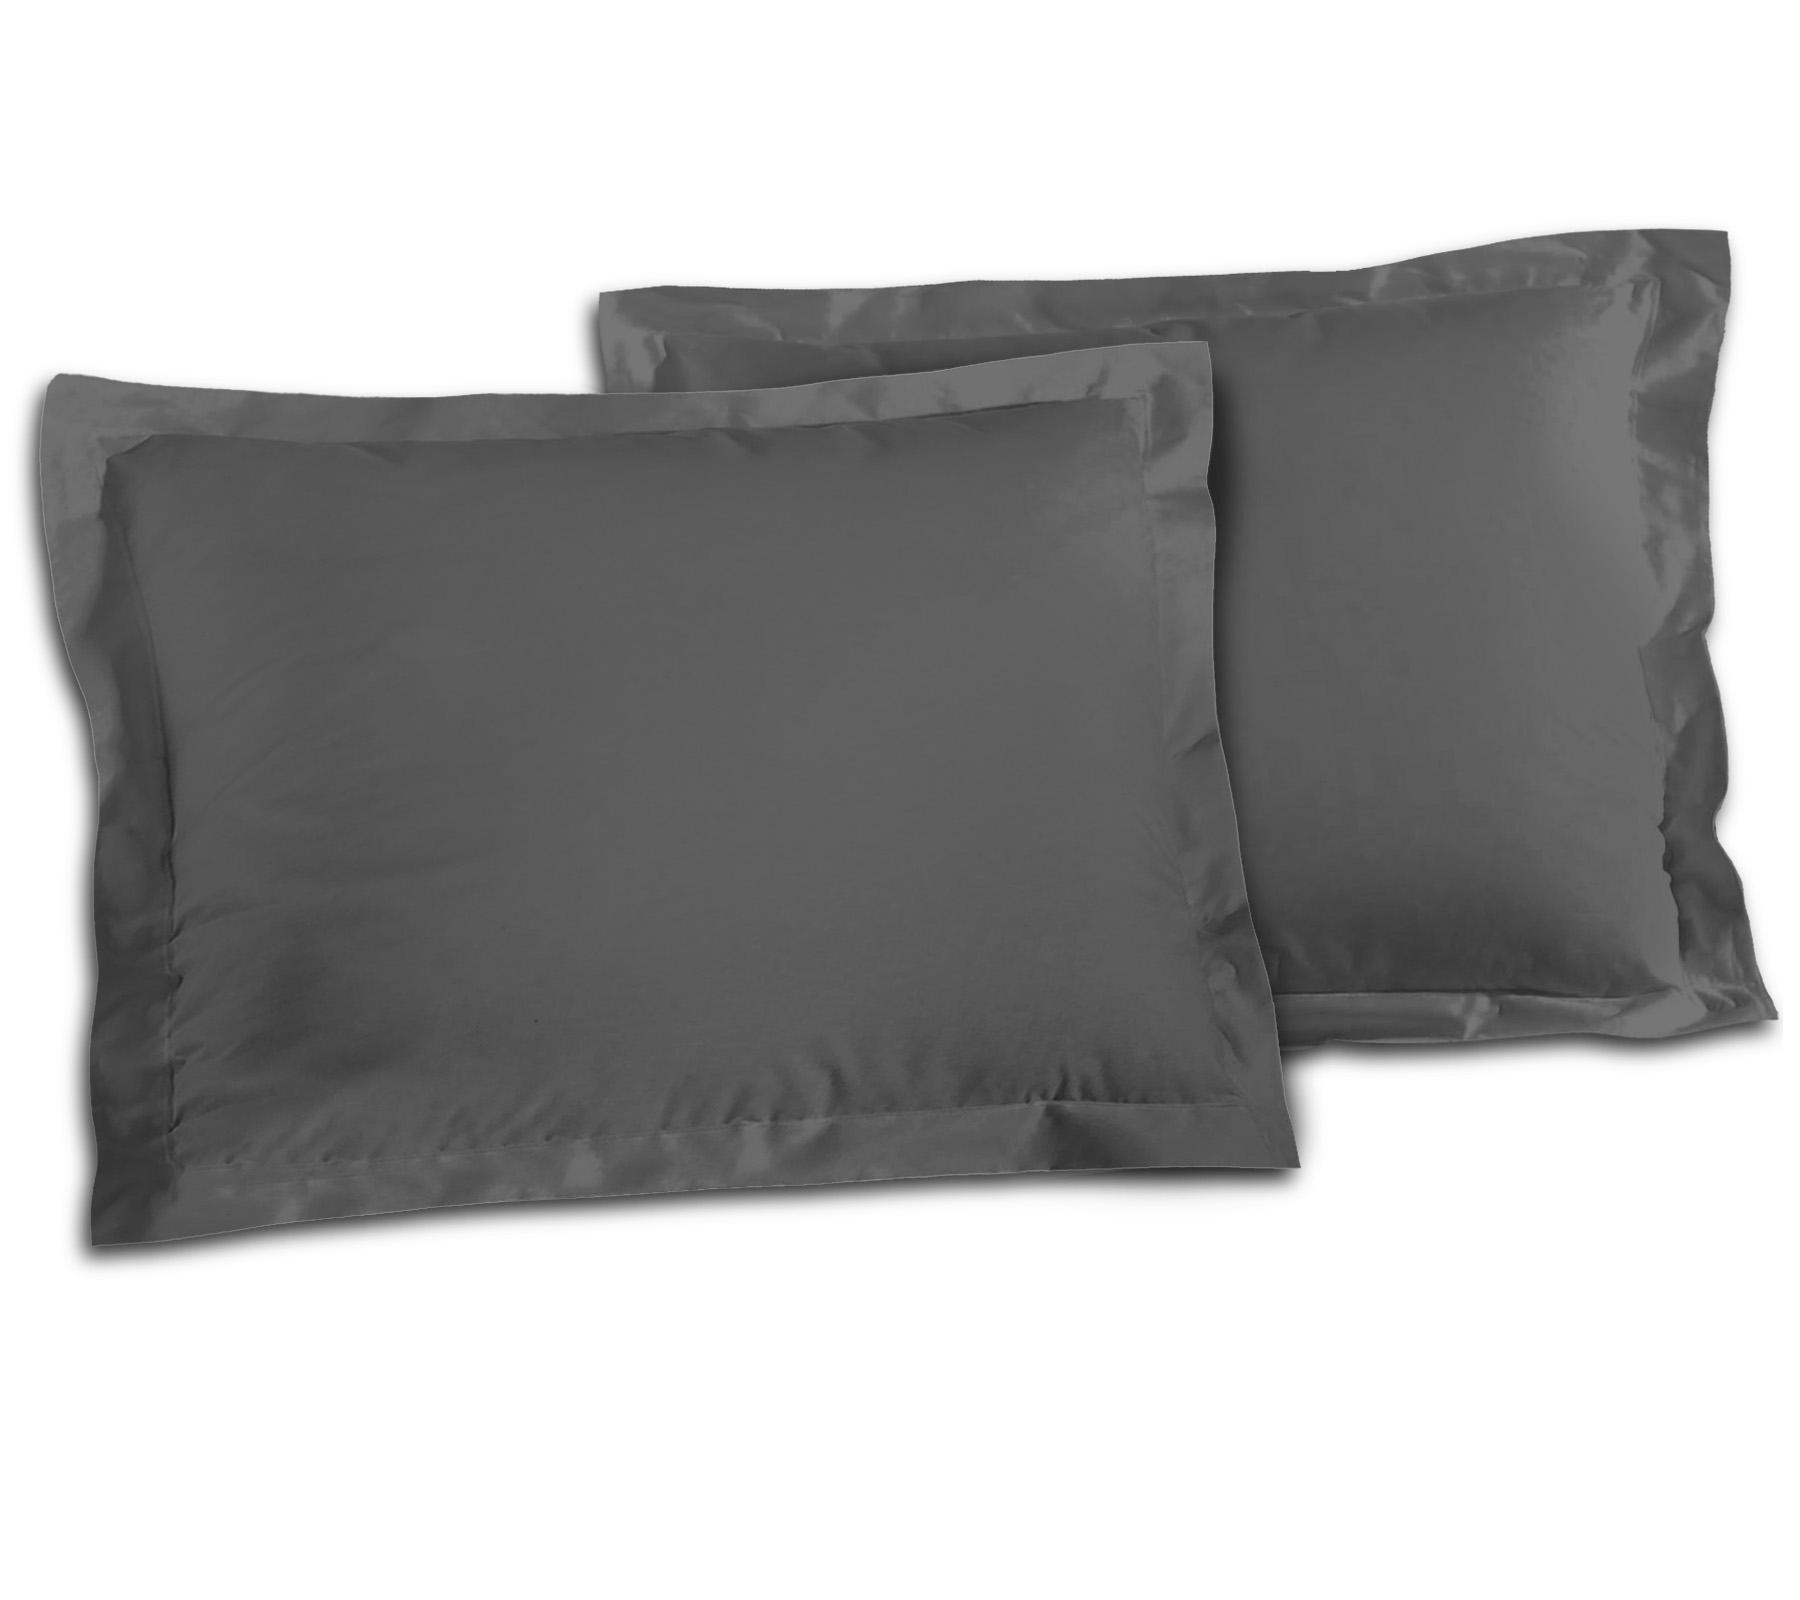 Paire de taies 100% coton 50x70 anthracite